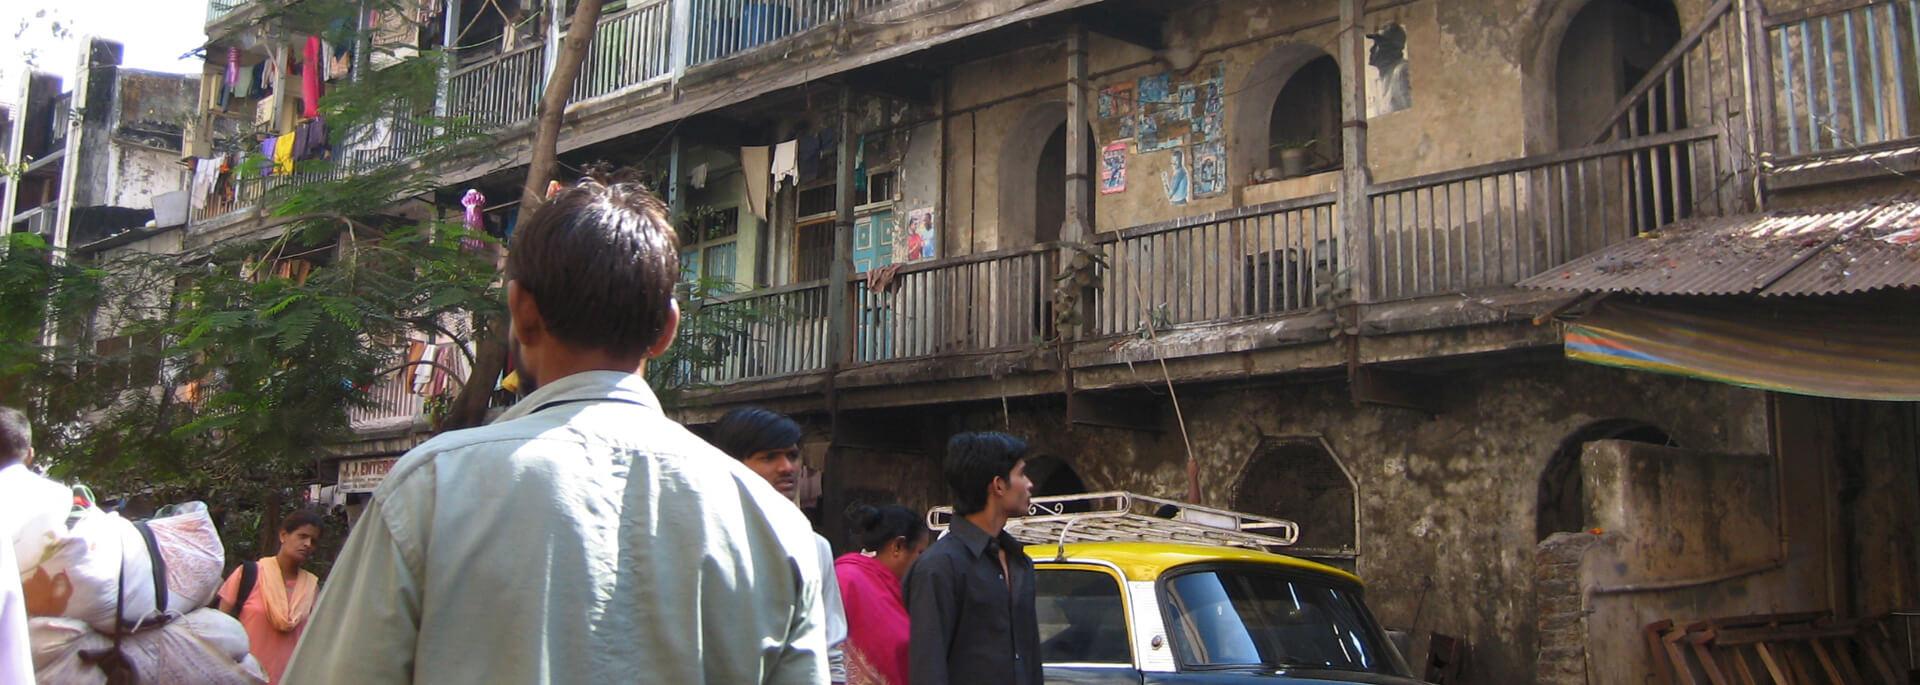 Wie ich in Mumbai meinen ersten Kulturschock erlitt